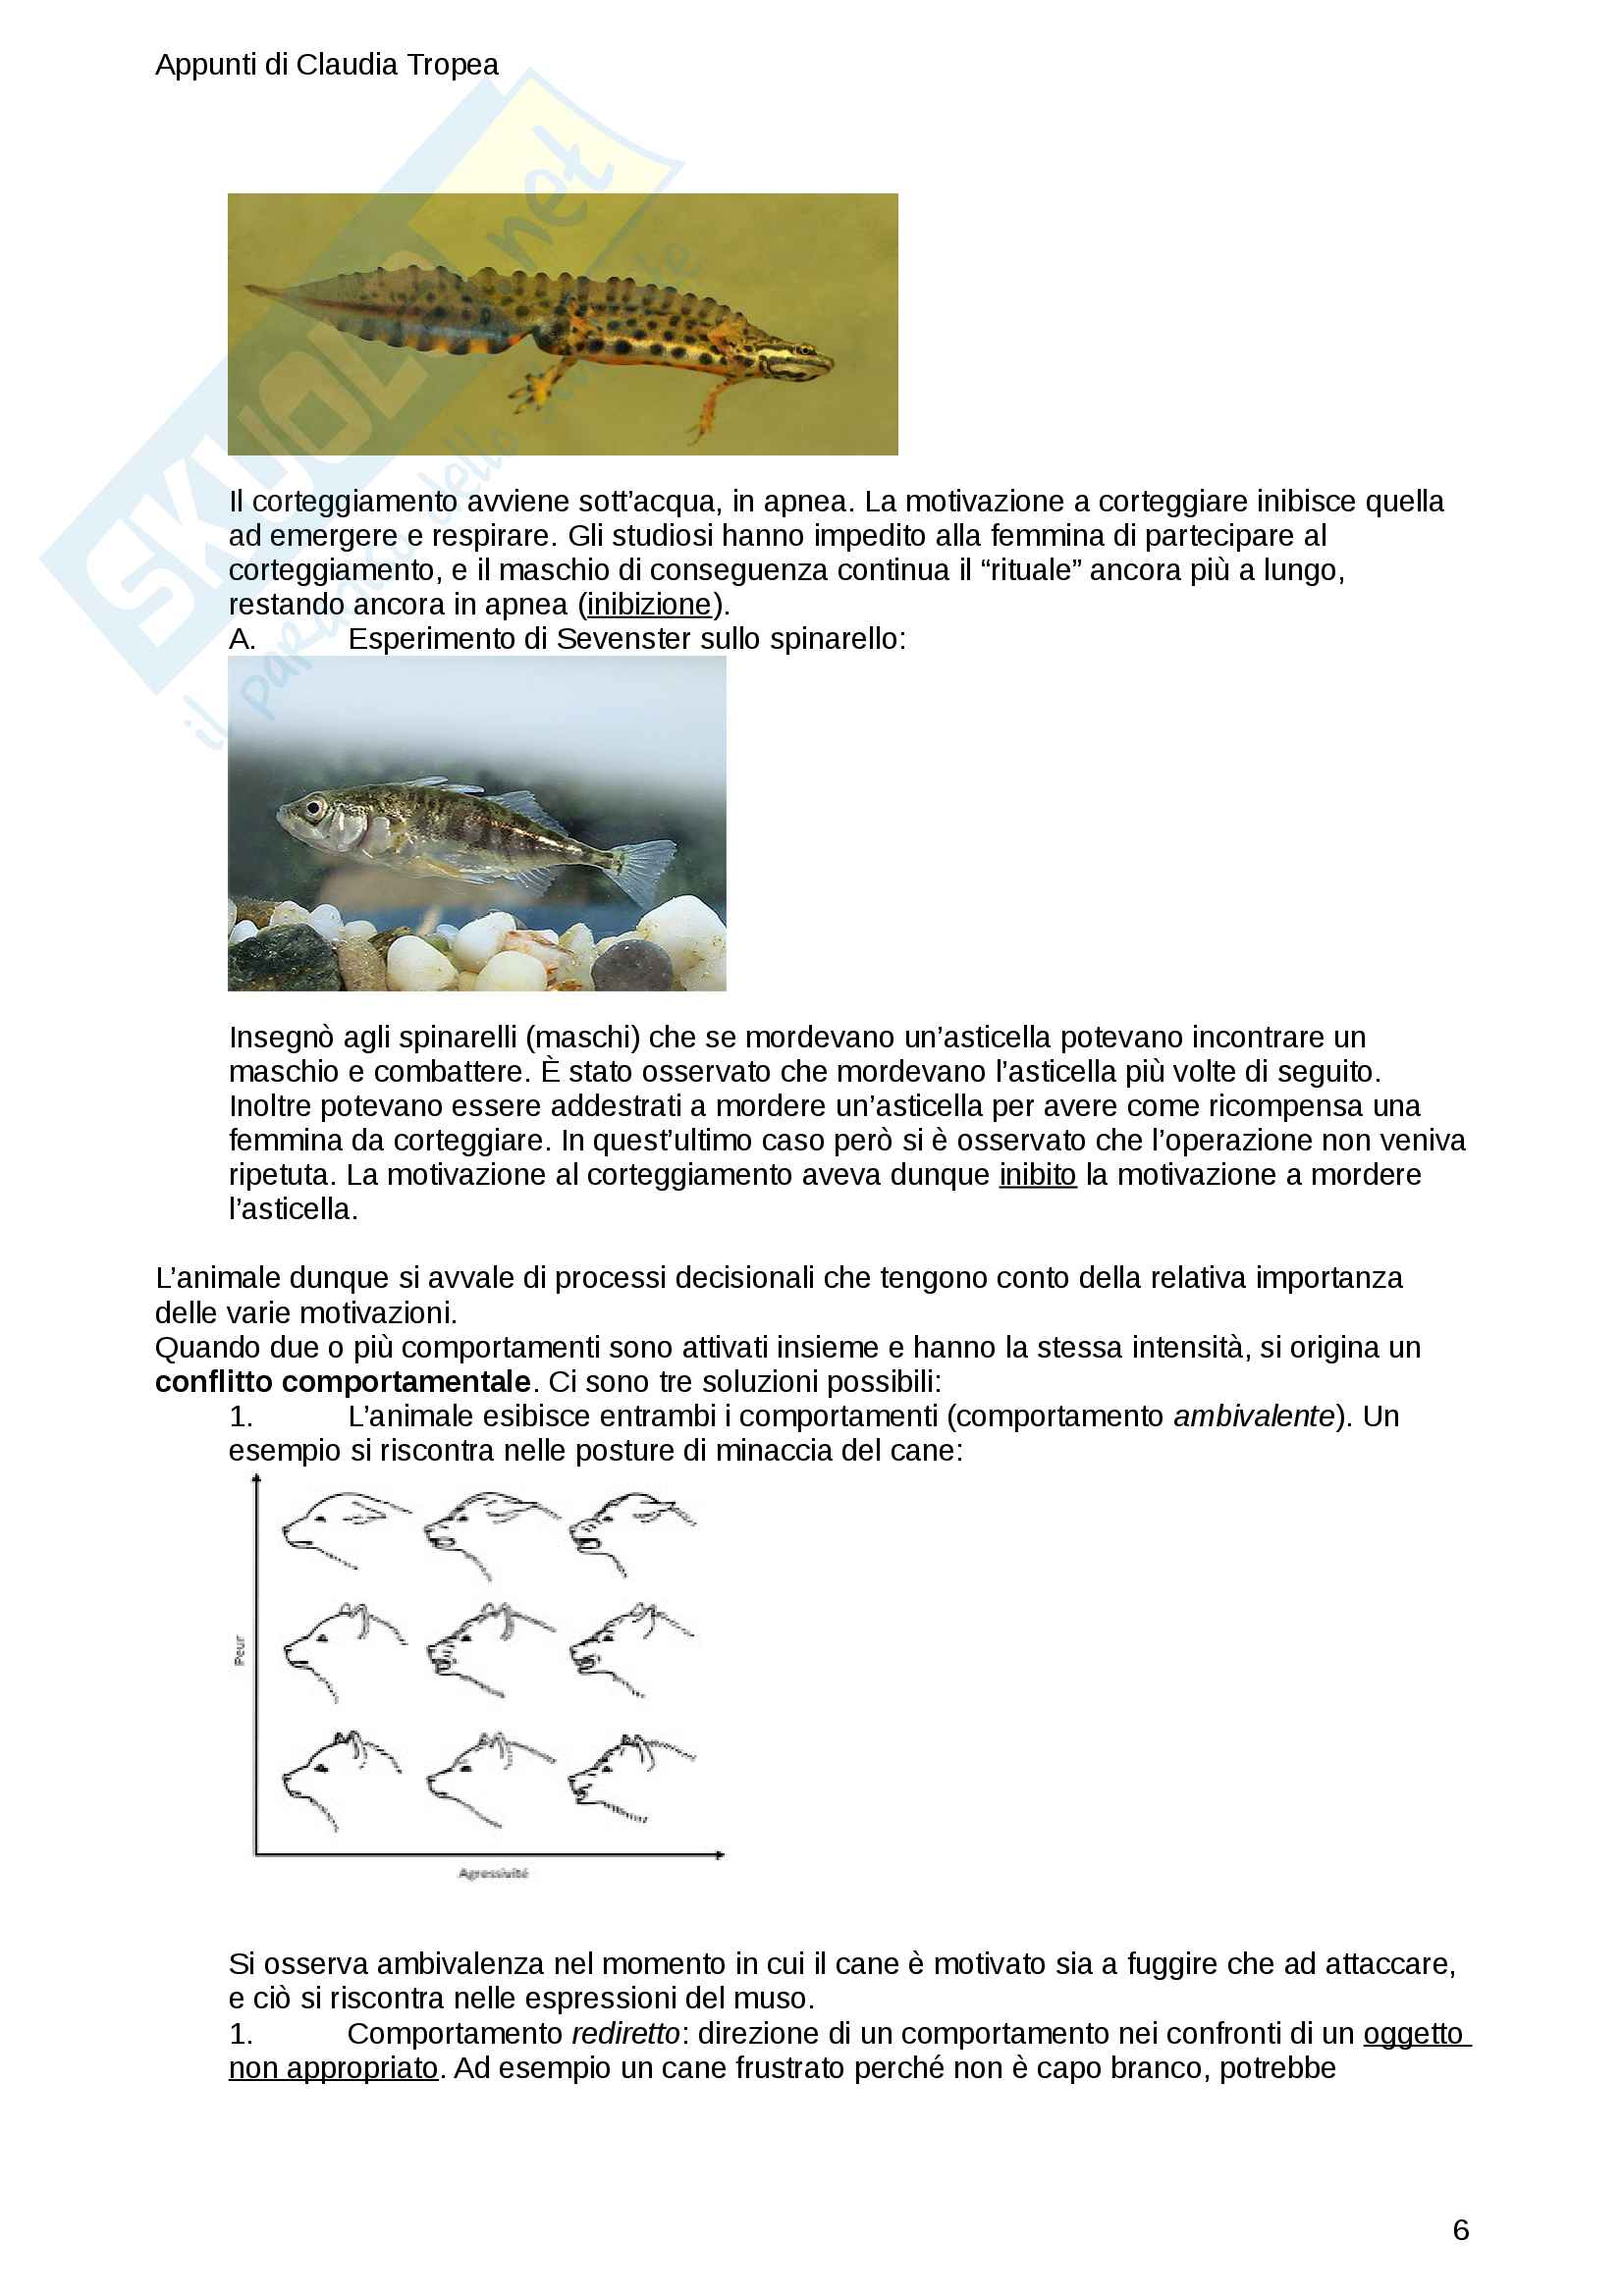 Appunti di Etologia - prof. Luschi Pag. 6